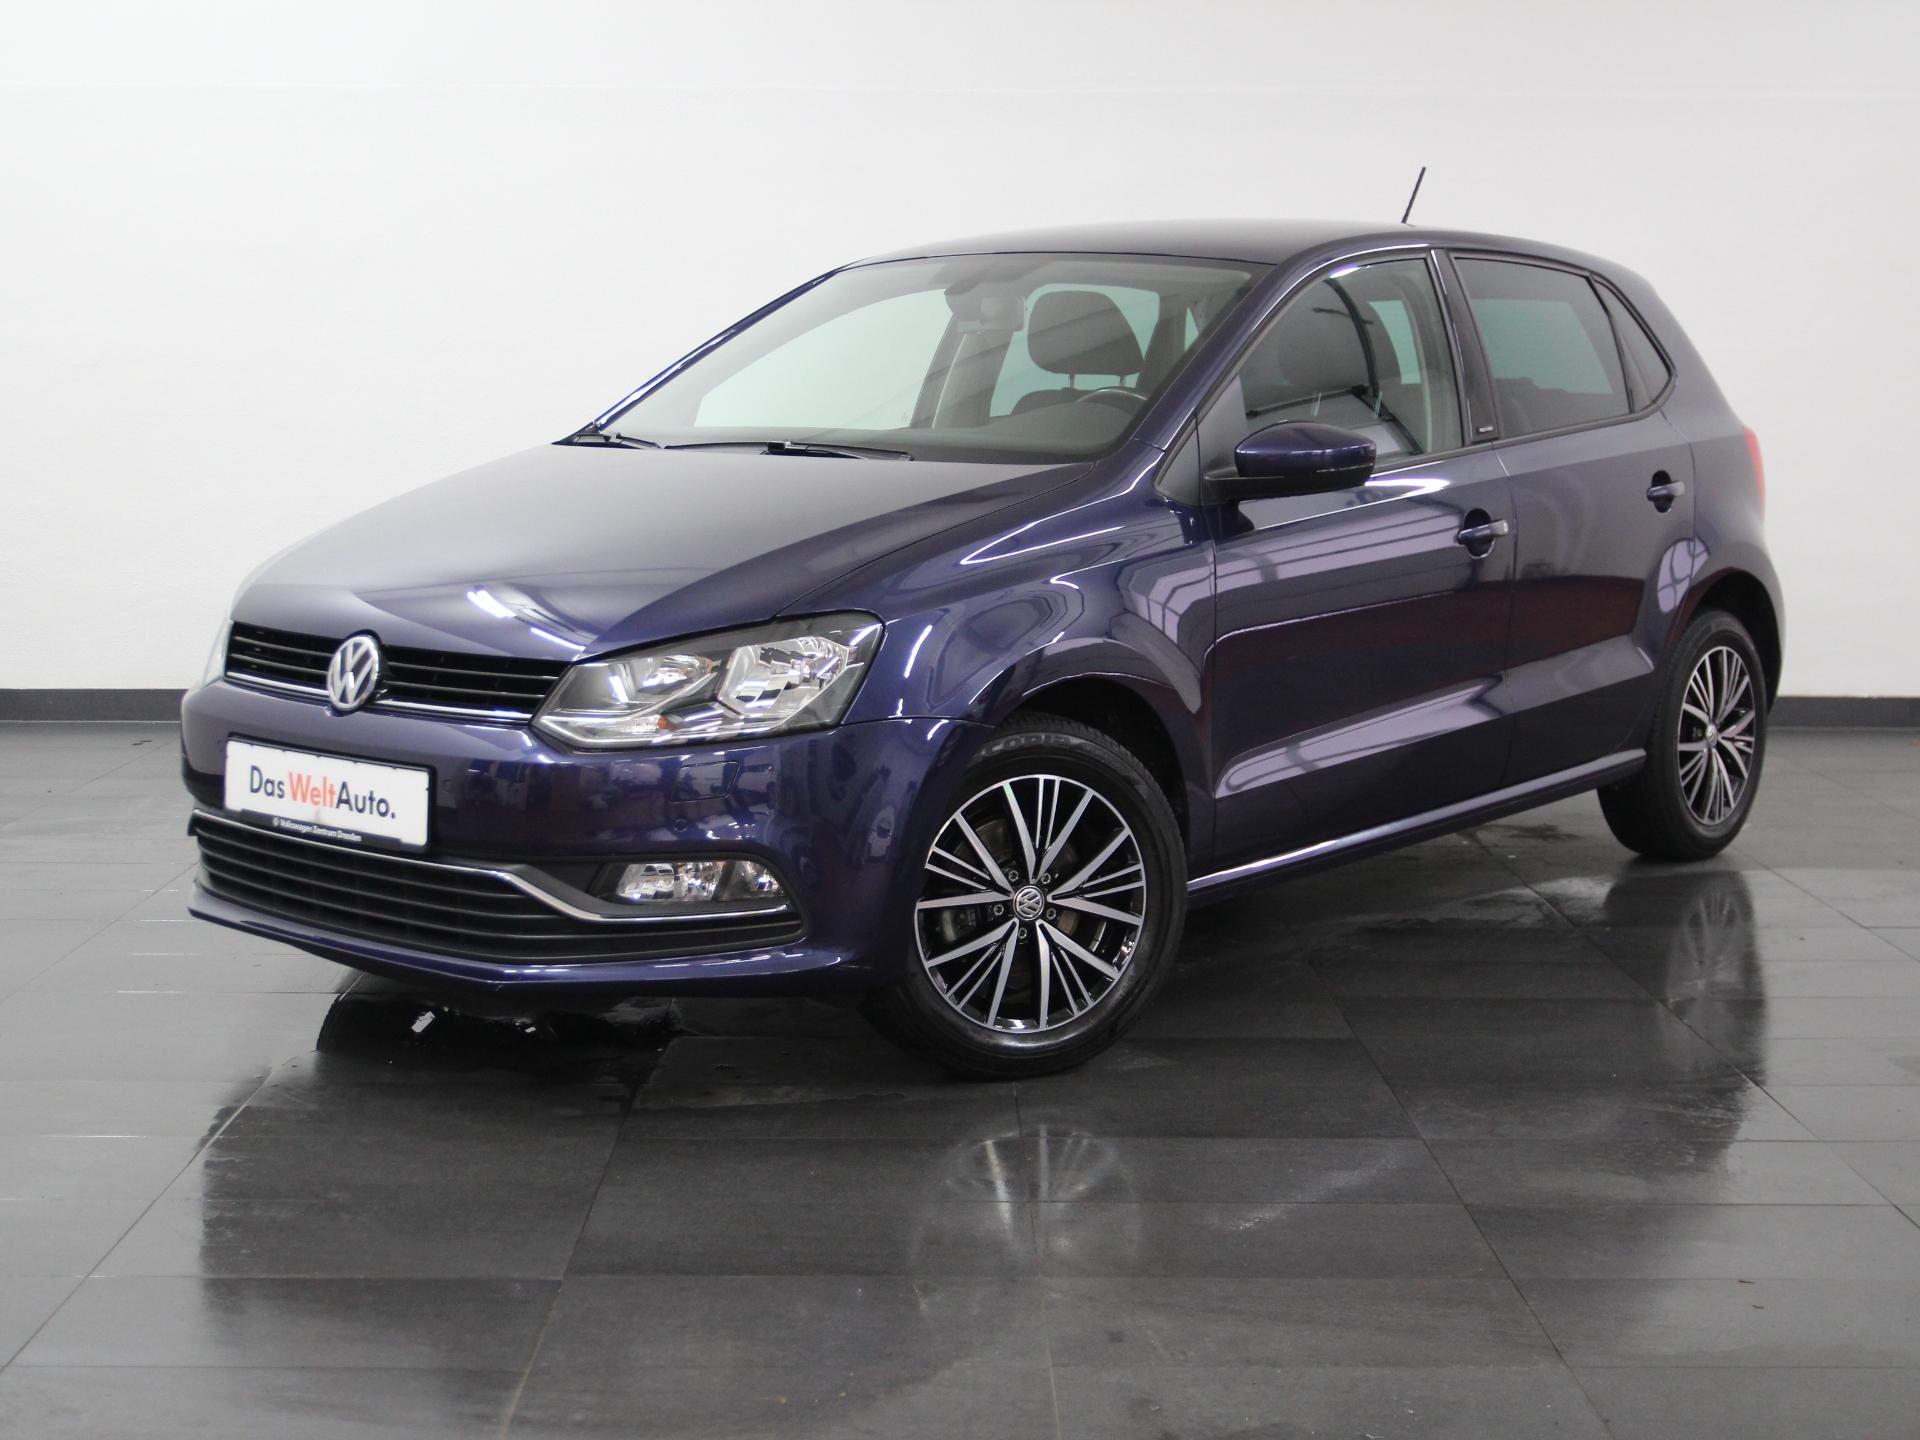 Volkswagen Polo Allstar KLIMA RADIO SHZ PDC ab 2,99%, Jahr 2016, Benzin